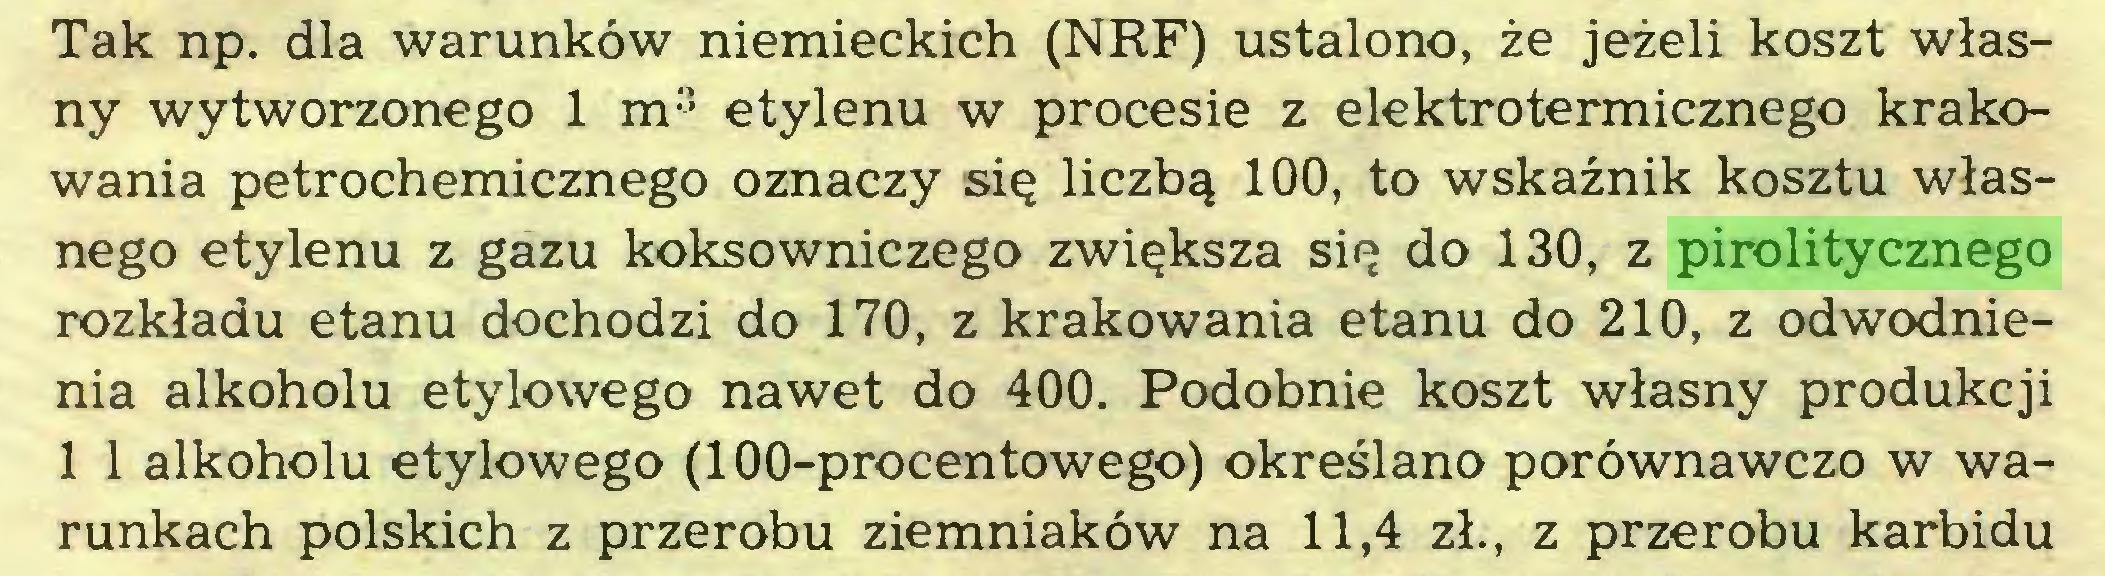 (...) Tak np. dla warunków niemieckich (NRF) ustalono, że jeżeli koszt własny wytworzonego 1 m3 etylenu w procesie z elektrotermicznego krakowania petrochemicznego oznaczy się liczbą 100, to wskaźnik kosztu własnego etylenu z gazu koksowniczego zwiększa się do 130, z pirolitycznego rozkładu etanu dochodzi do 170, z krakowania etanu do 210, z odwodnienia alkoholu etylowego nawet do 400. Podobnie koszt własny produkcji 1 1 alkoholu etylowego (100-procentowego) określano porównawczo w warunkach polskich z przerobu ziemniaków na 11,4 zł., z przerobu karbidu...